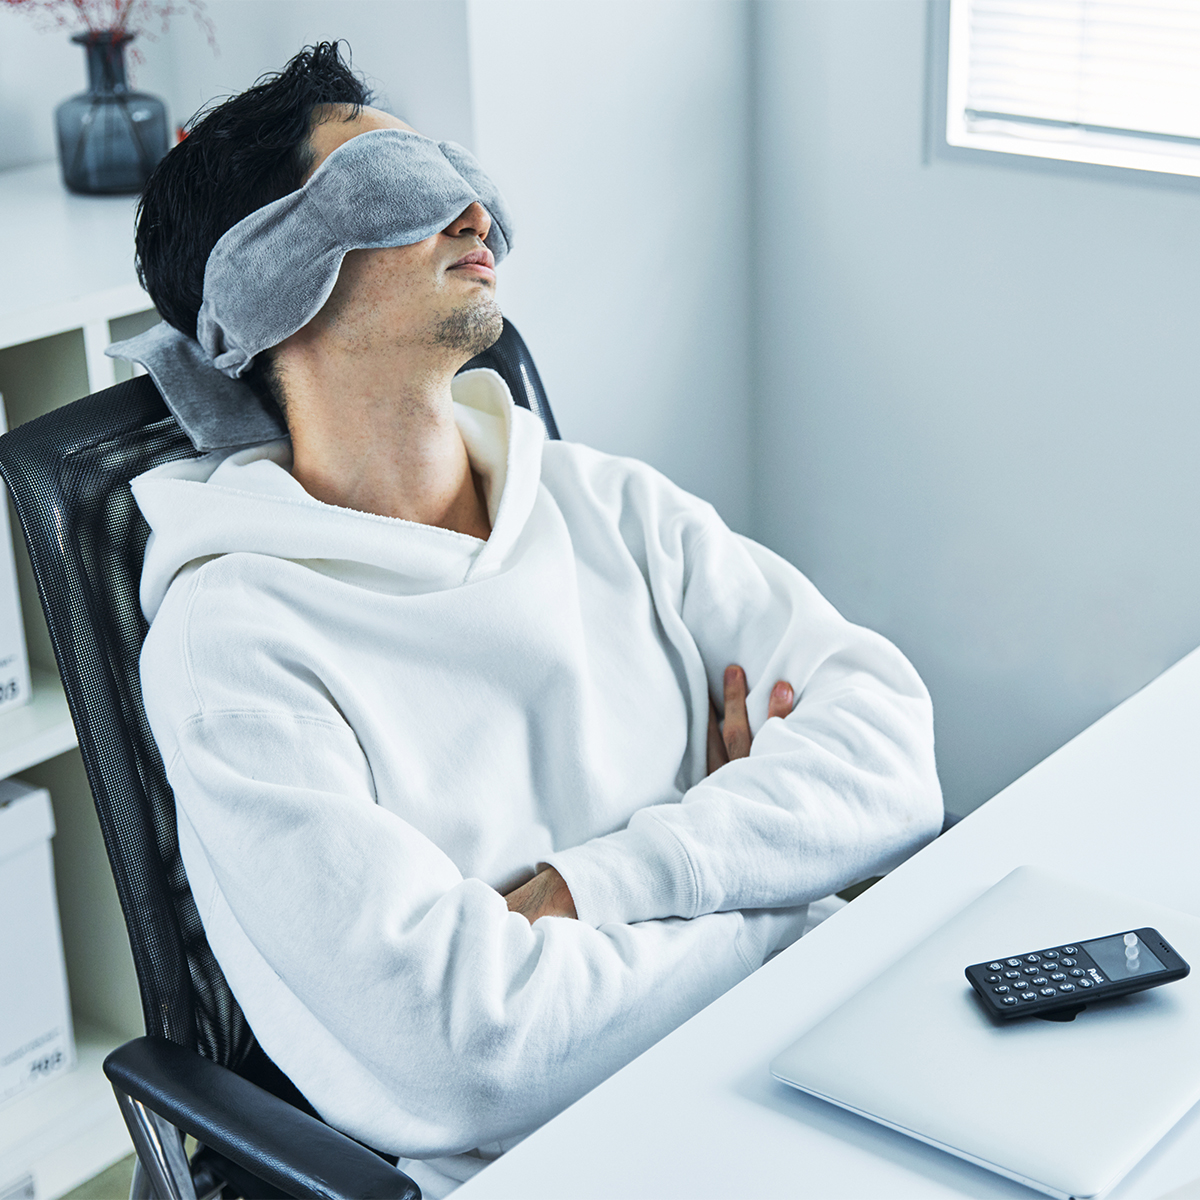 仕事のパフォーマンス向上につながる仮眠「パワーナップ」に使うことがおすすめ。目の上に乗せるだけ、穏やかな重みで夢の世界へ。寝返りを打ってもズレにくい「スリープマスク」|nodpod(ノッドポッド)